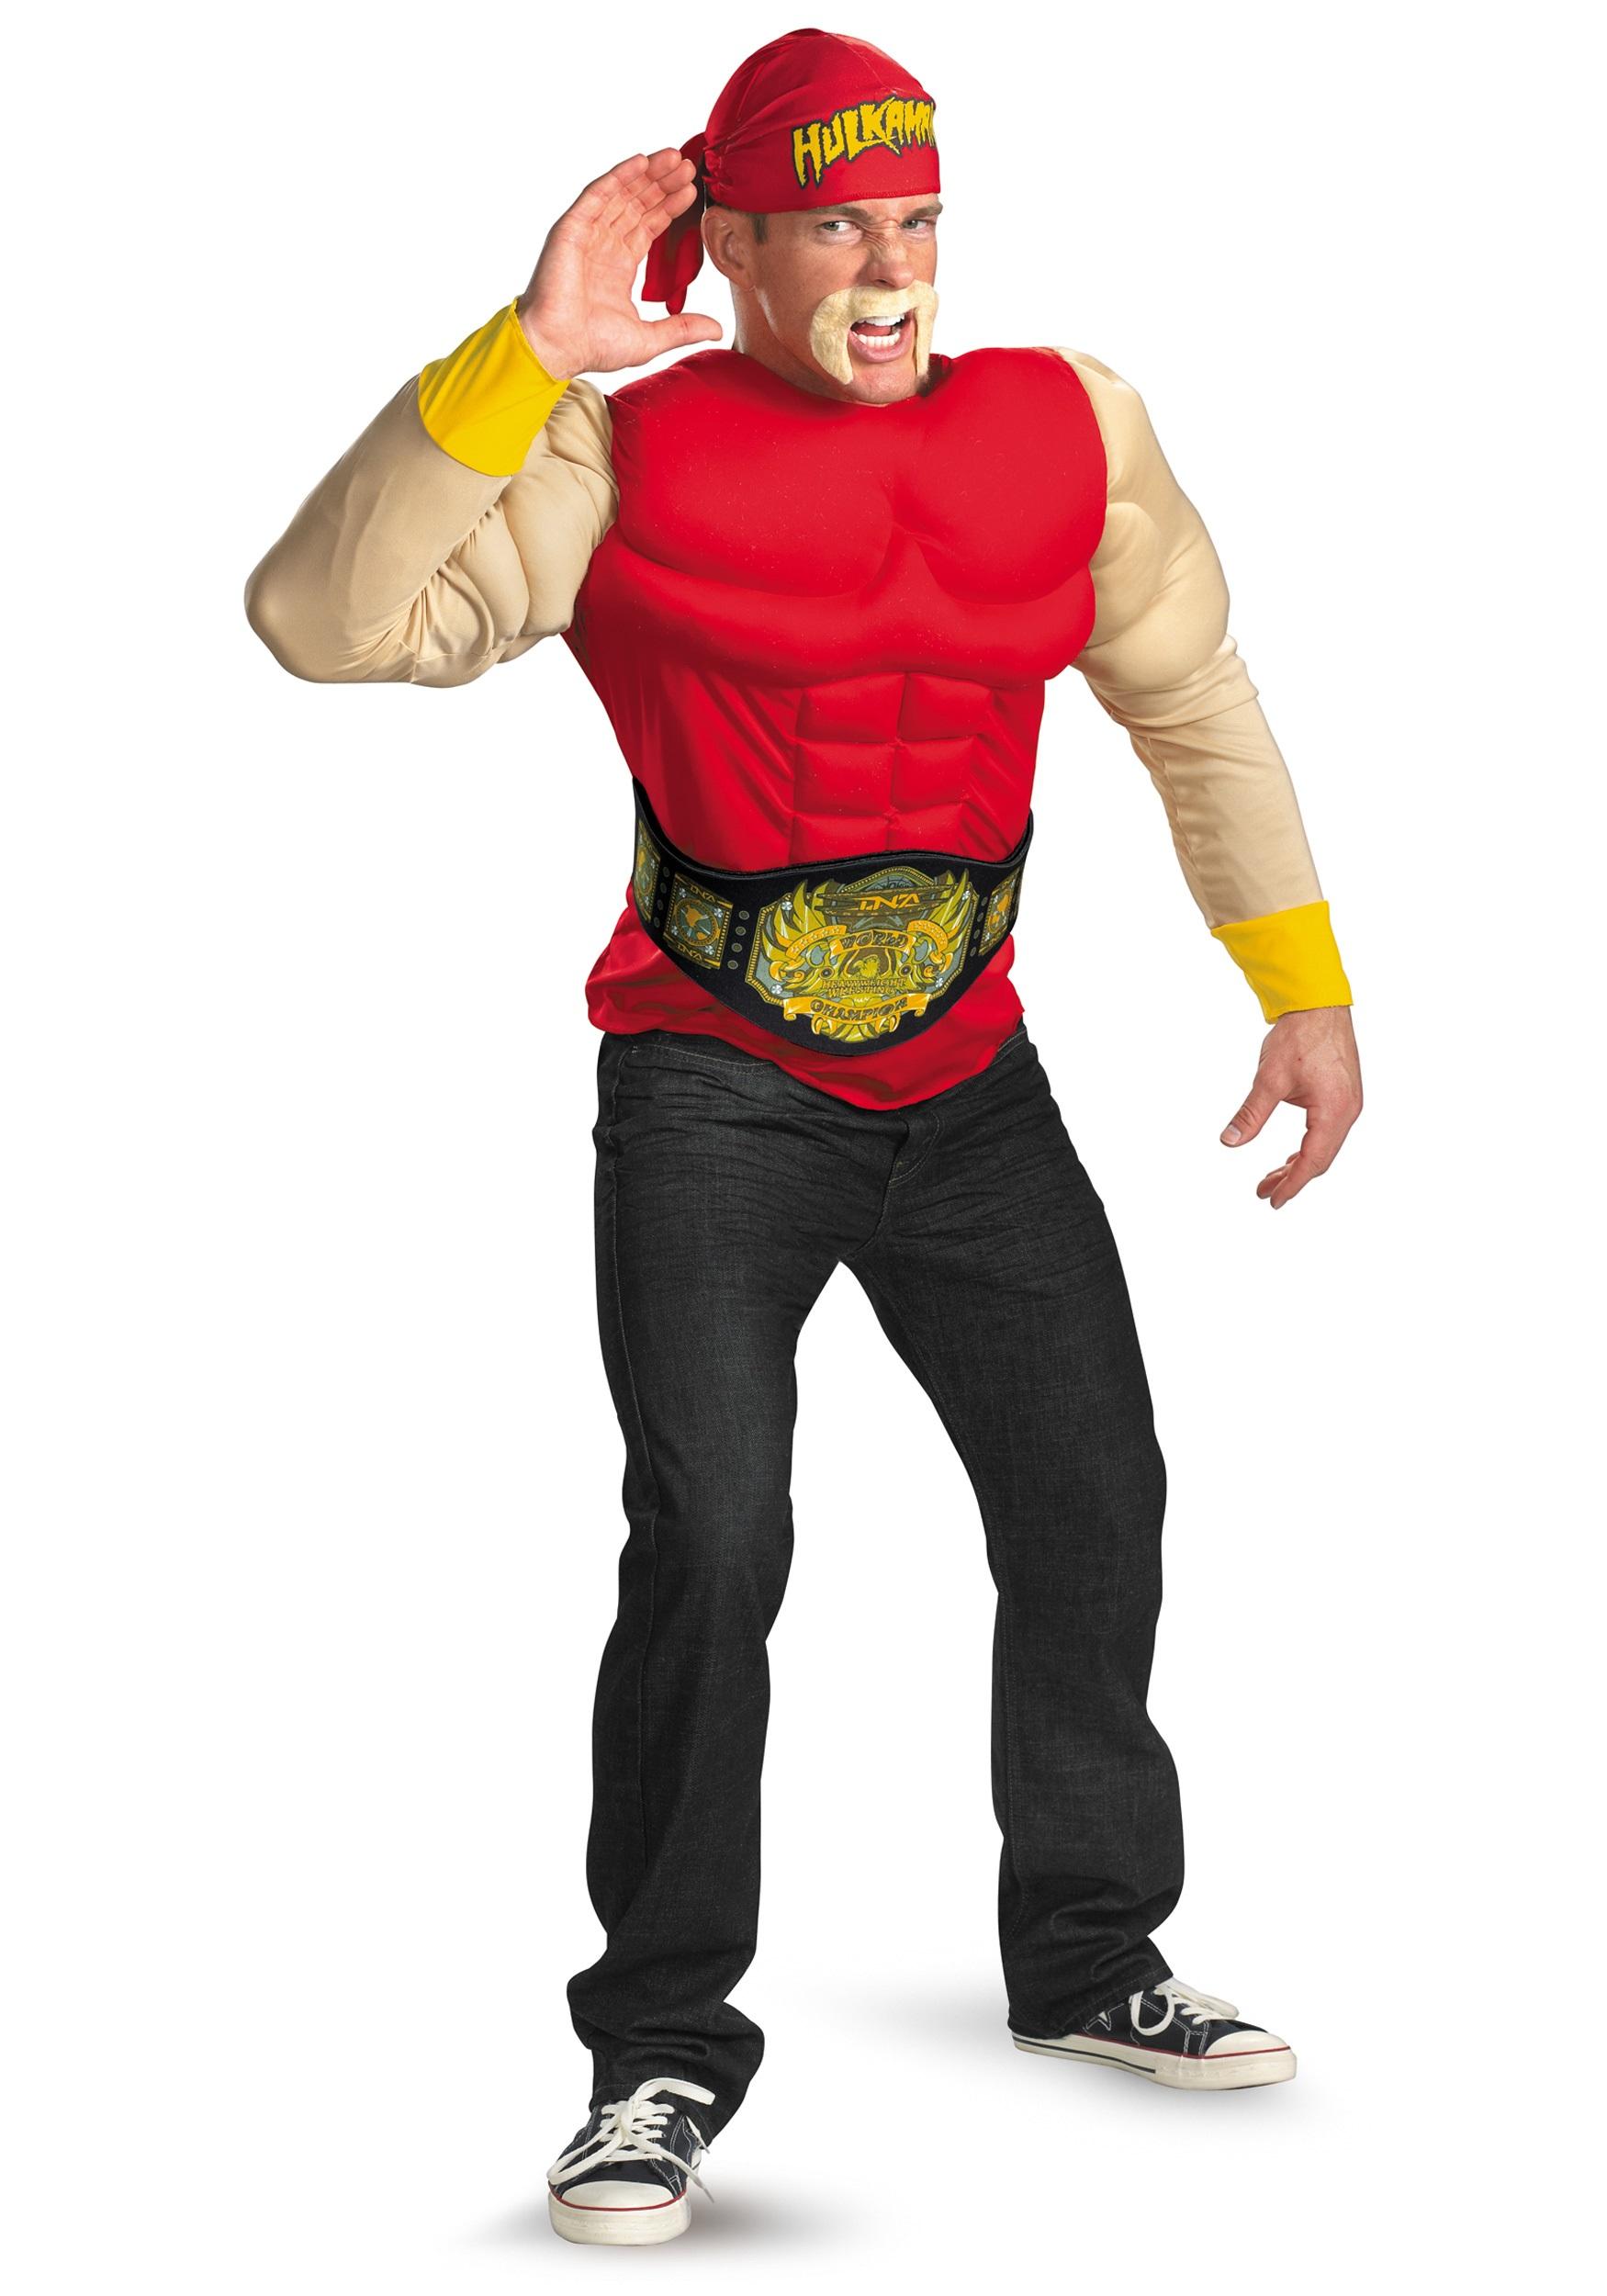 Adult Hulk Hogan Muscle Costume - Halloween Costume Ideas 2021